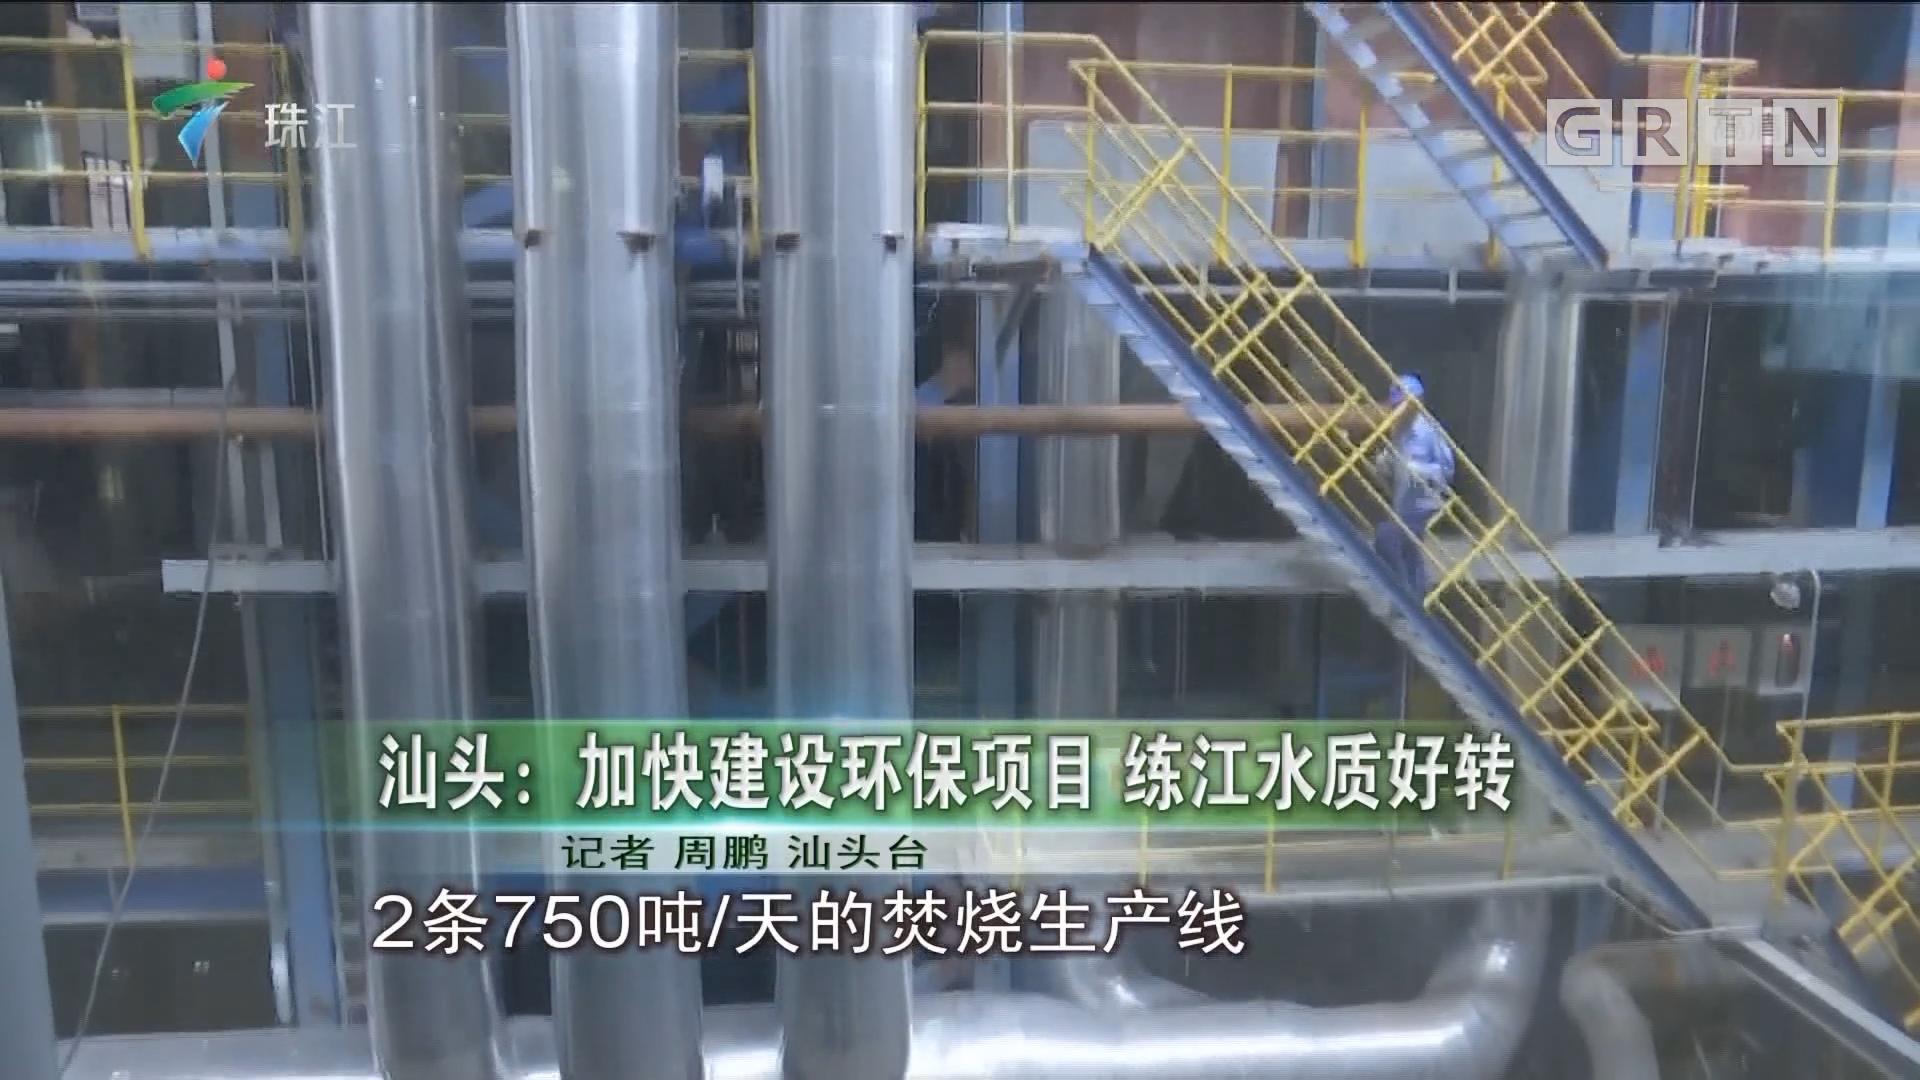 汕头:加快建设环保项目 练江水质好转